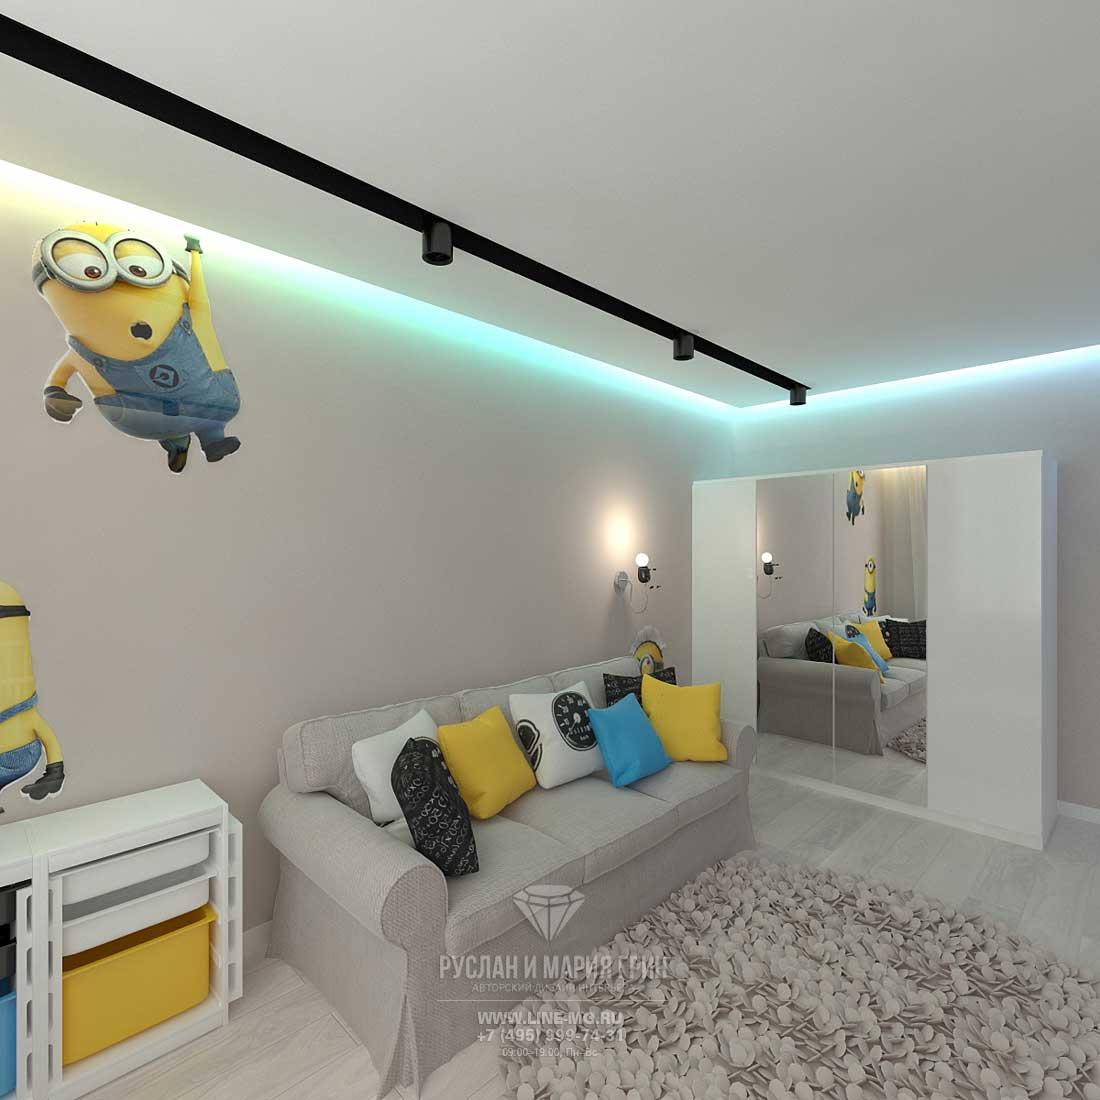 Дизайн детской комнаты в современной квартире